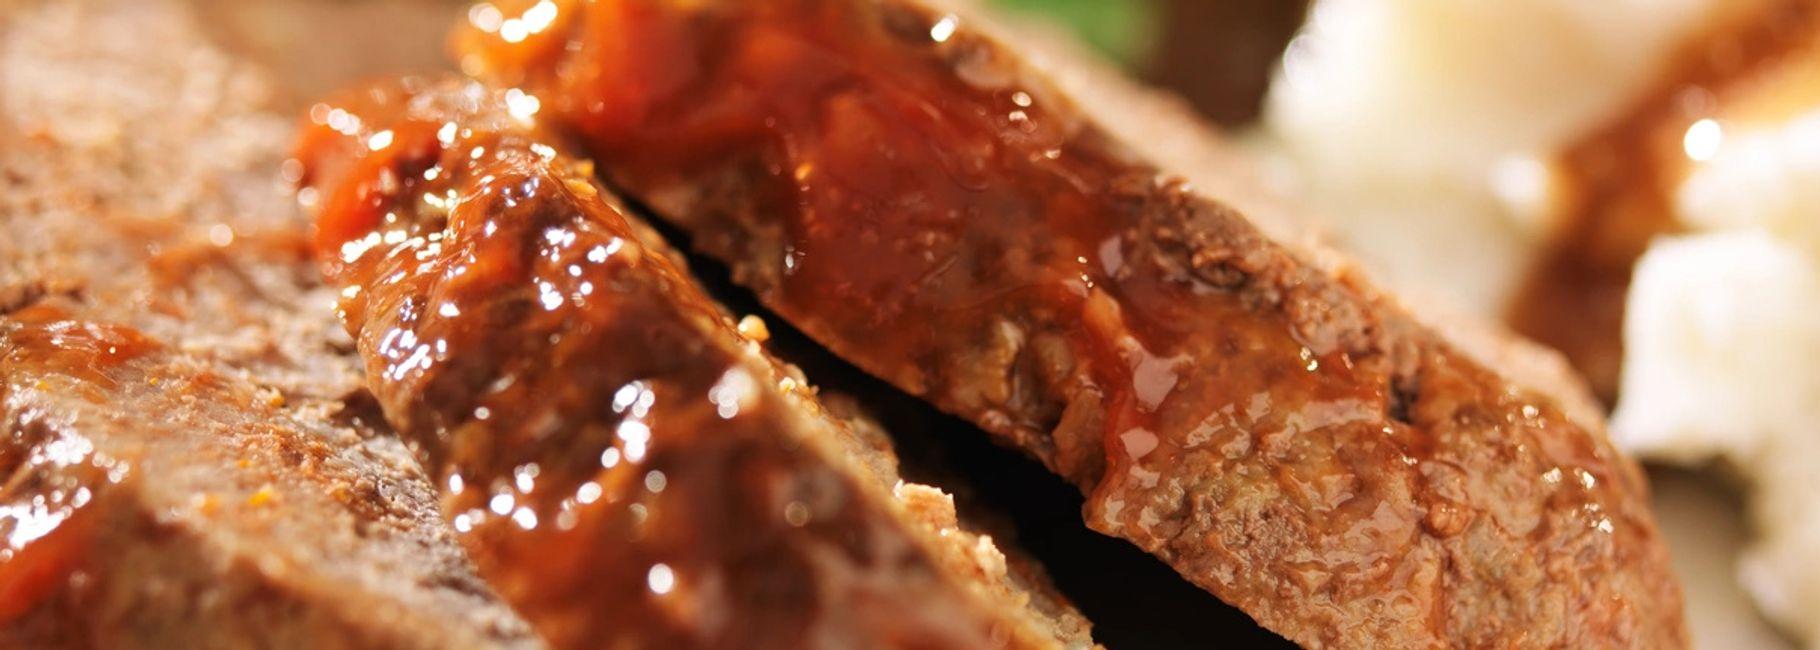 Turkey Meatloaf with BBQ Glaze